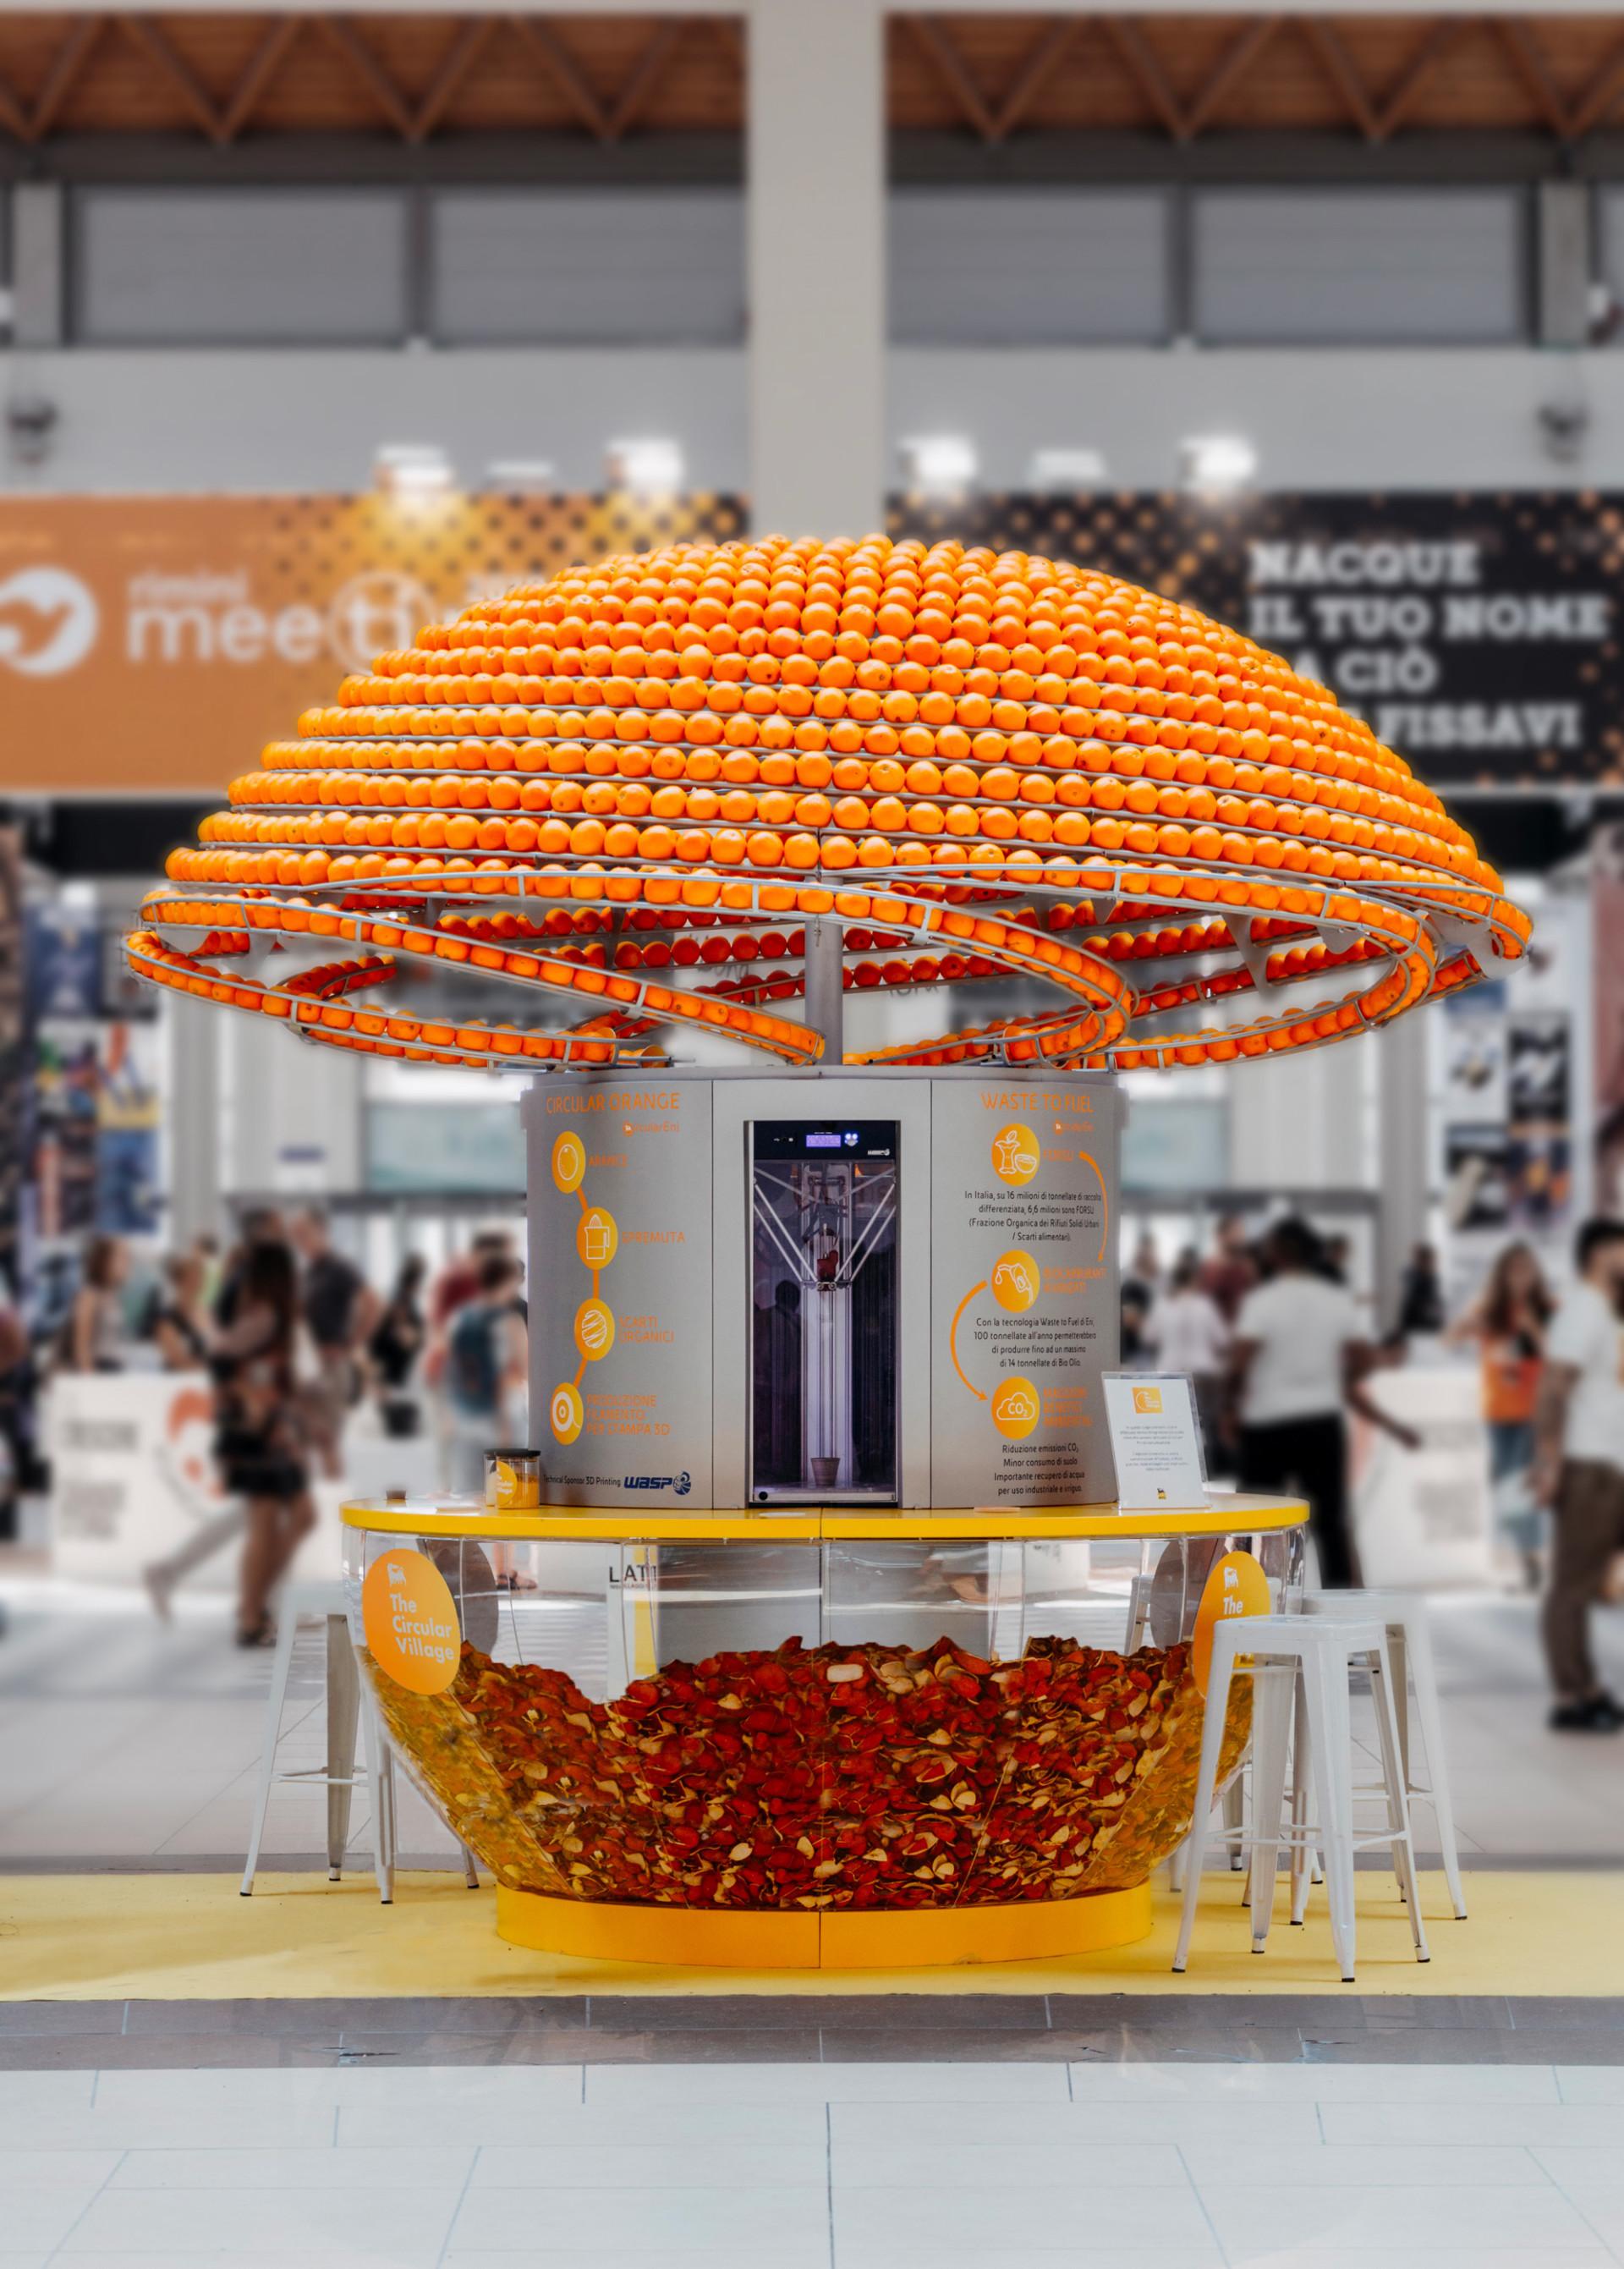 绝妙创意,这台榨汁机可以把橙子皮制作成一次性杯子